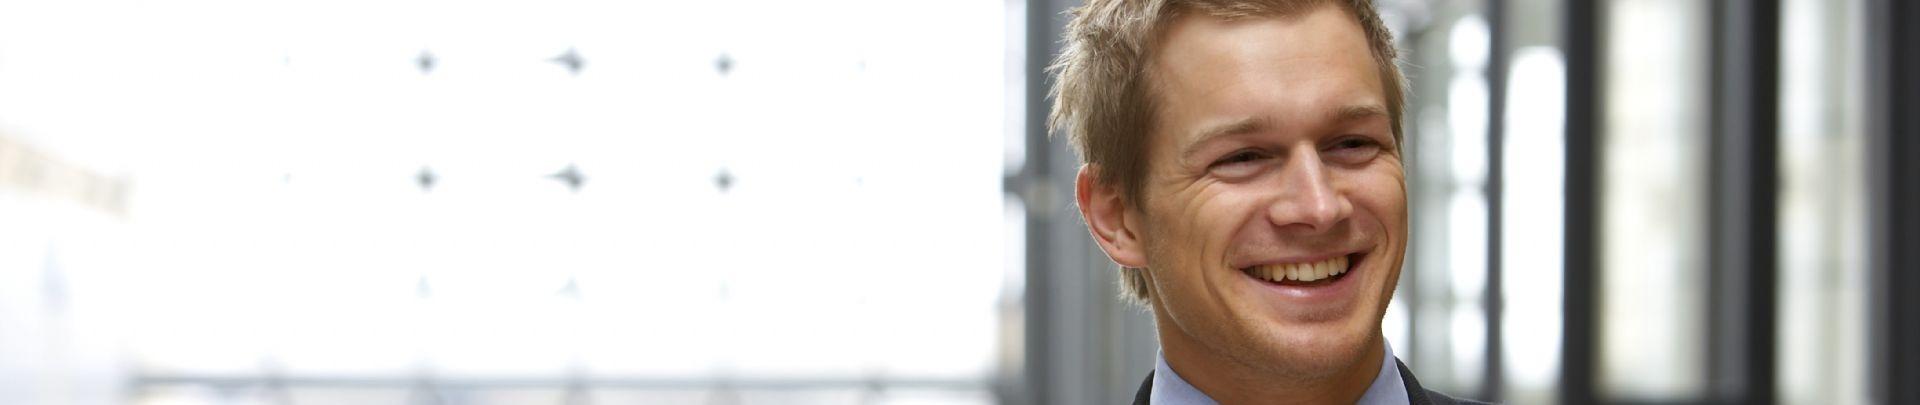 blonde man in pak met blauwe stropdas lacht